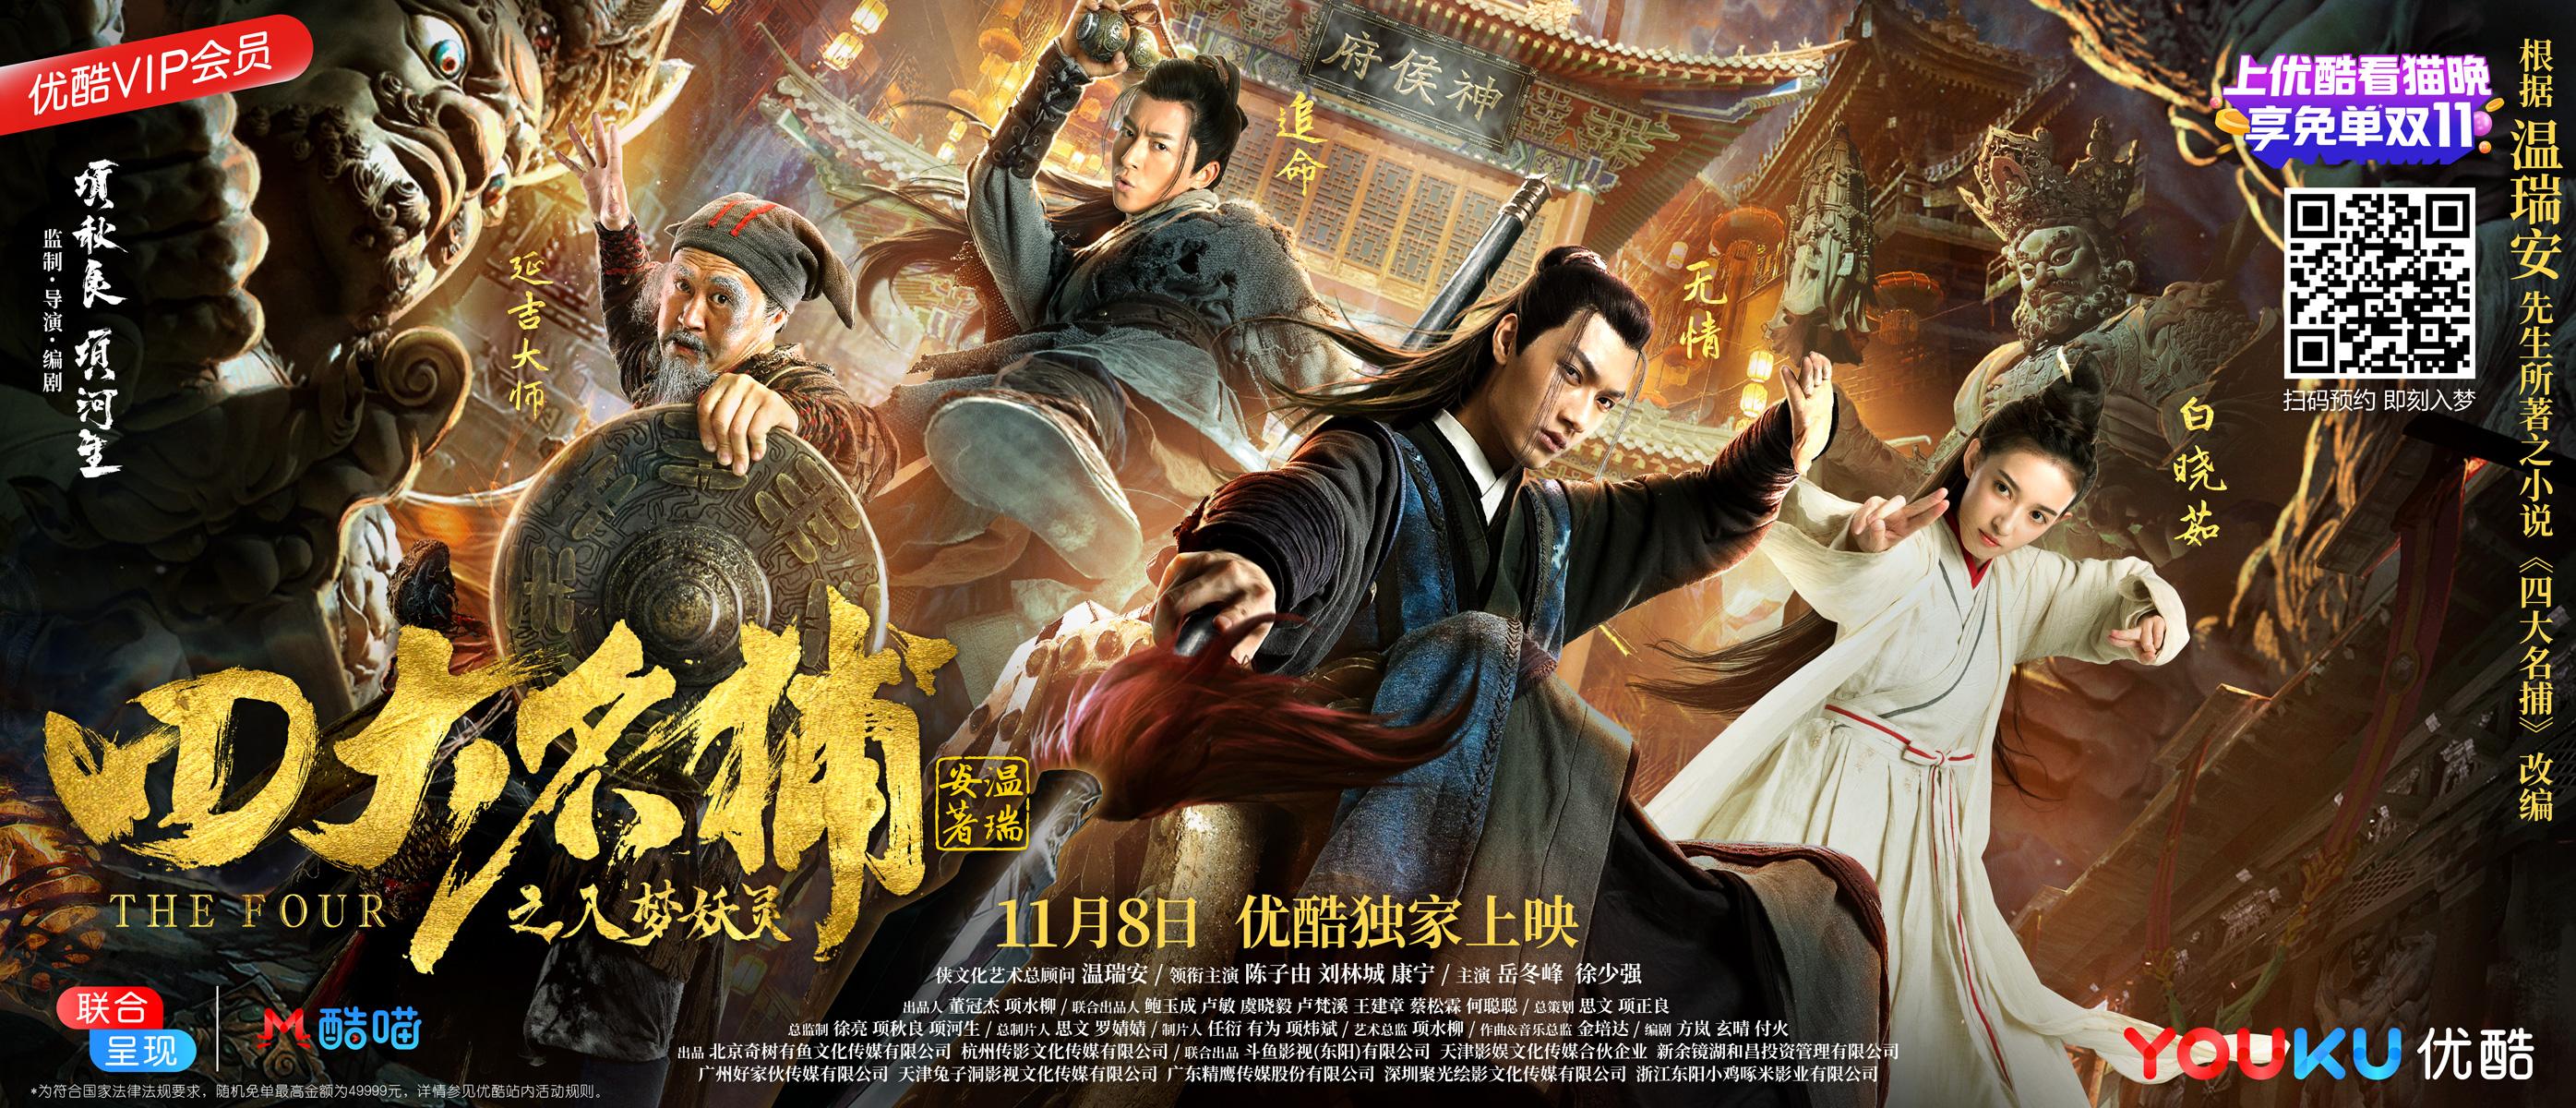 《四大名捕之入梦妖灵》人物海报集体曝光,四大名捕造型一一解锁